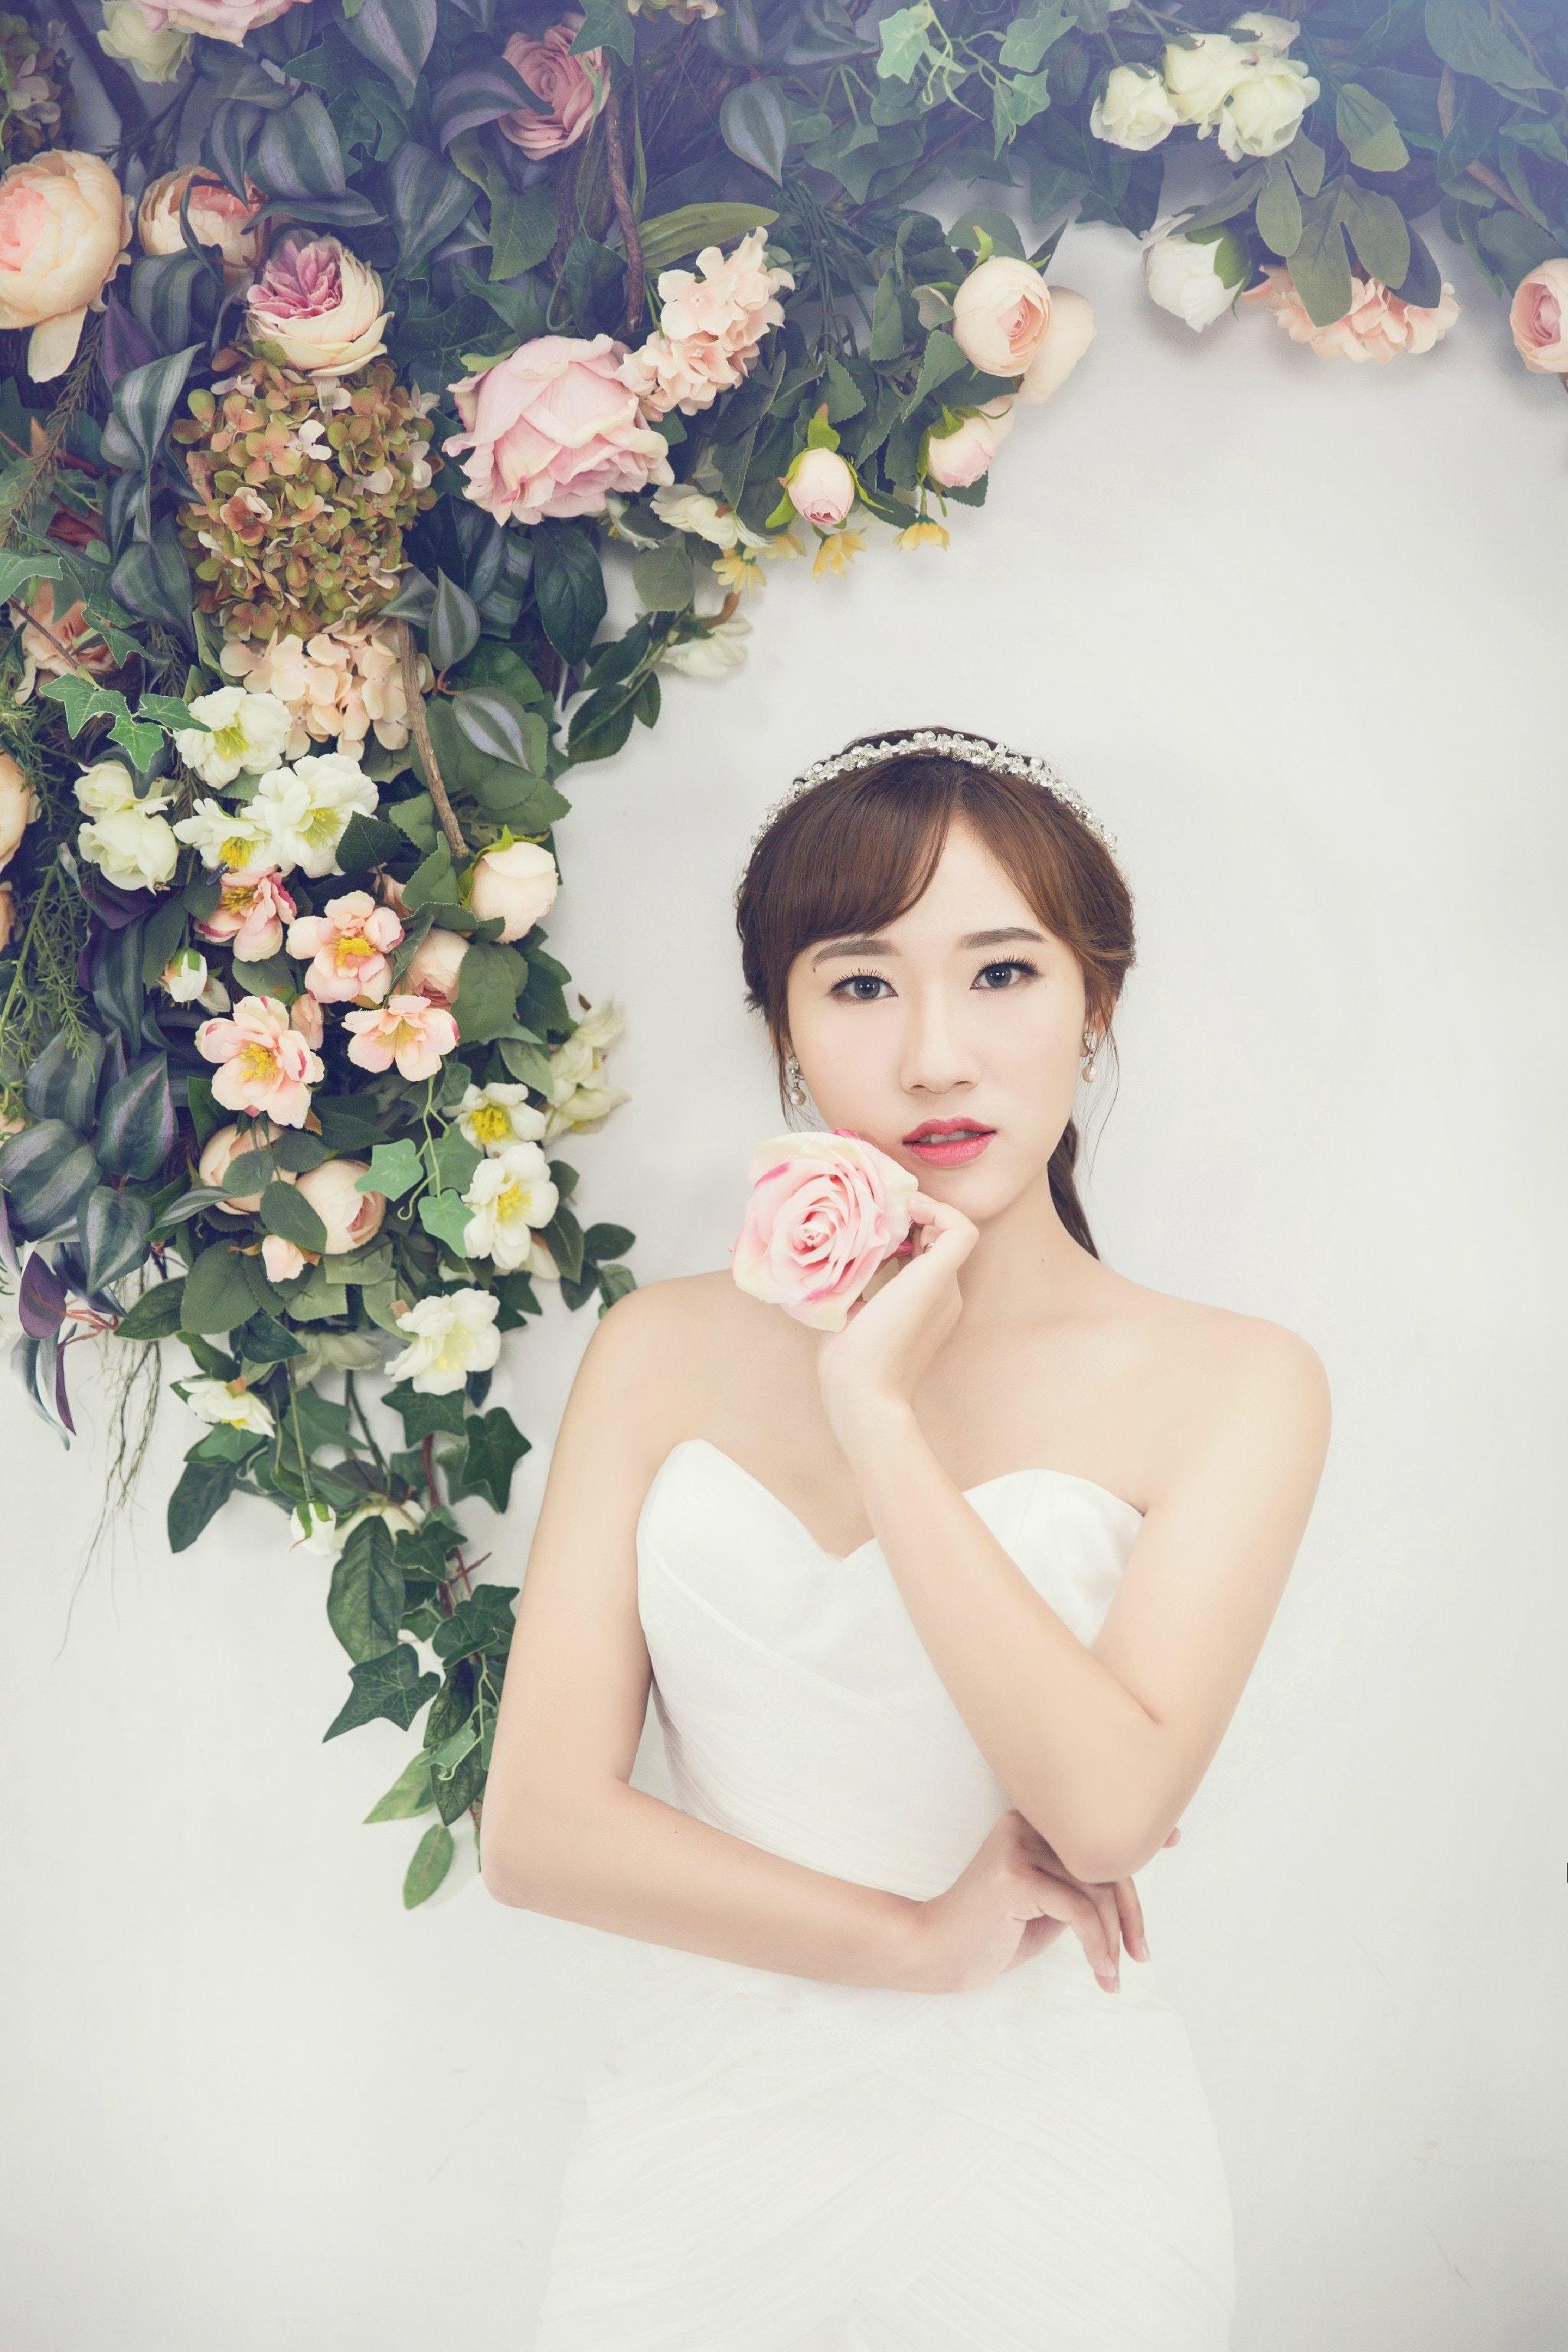 attractive-beautiful-bride-236194